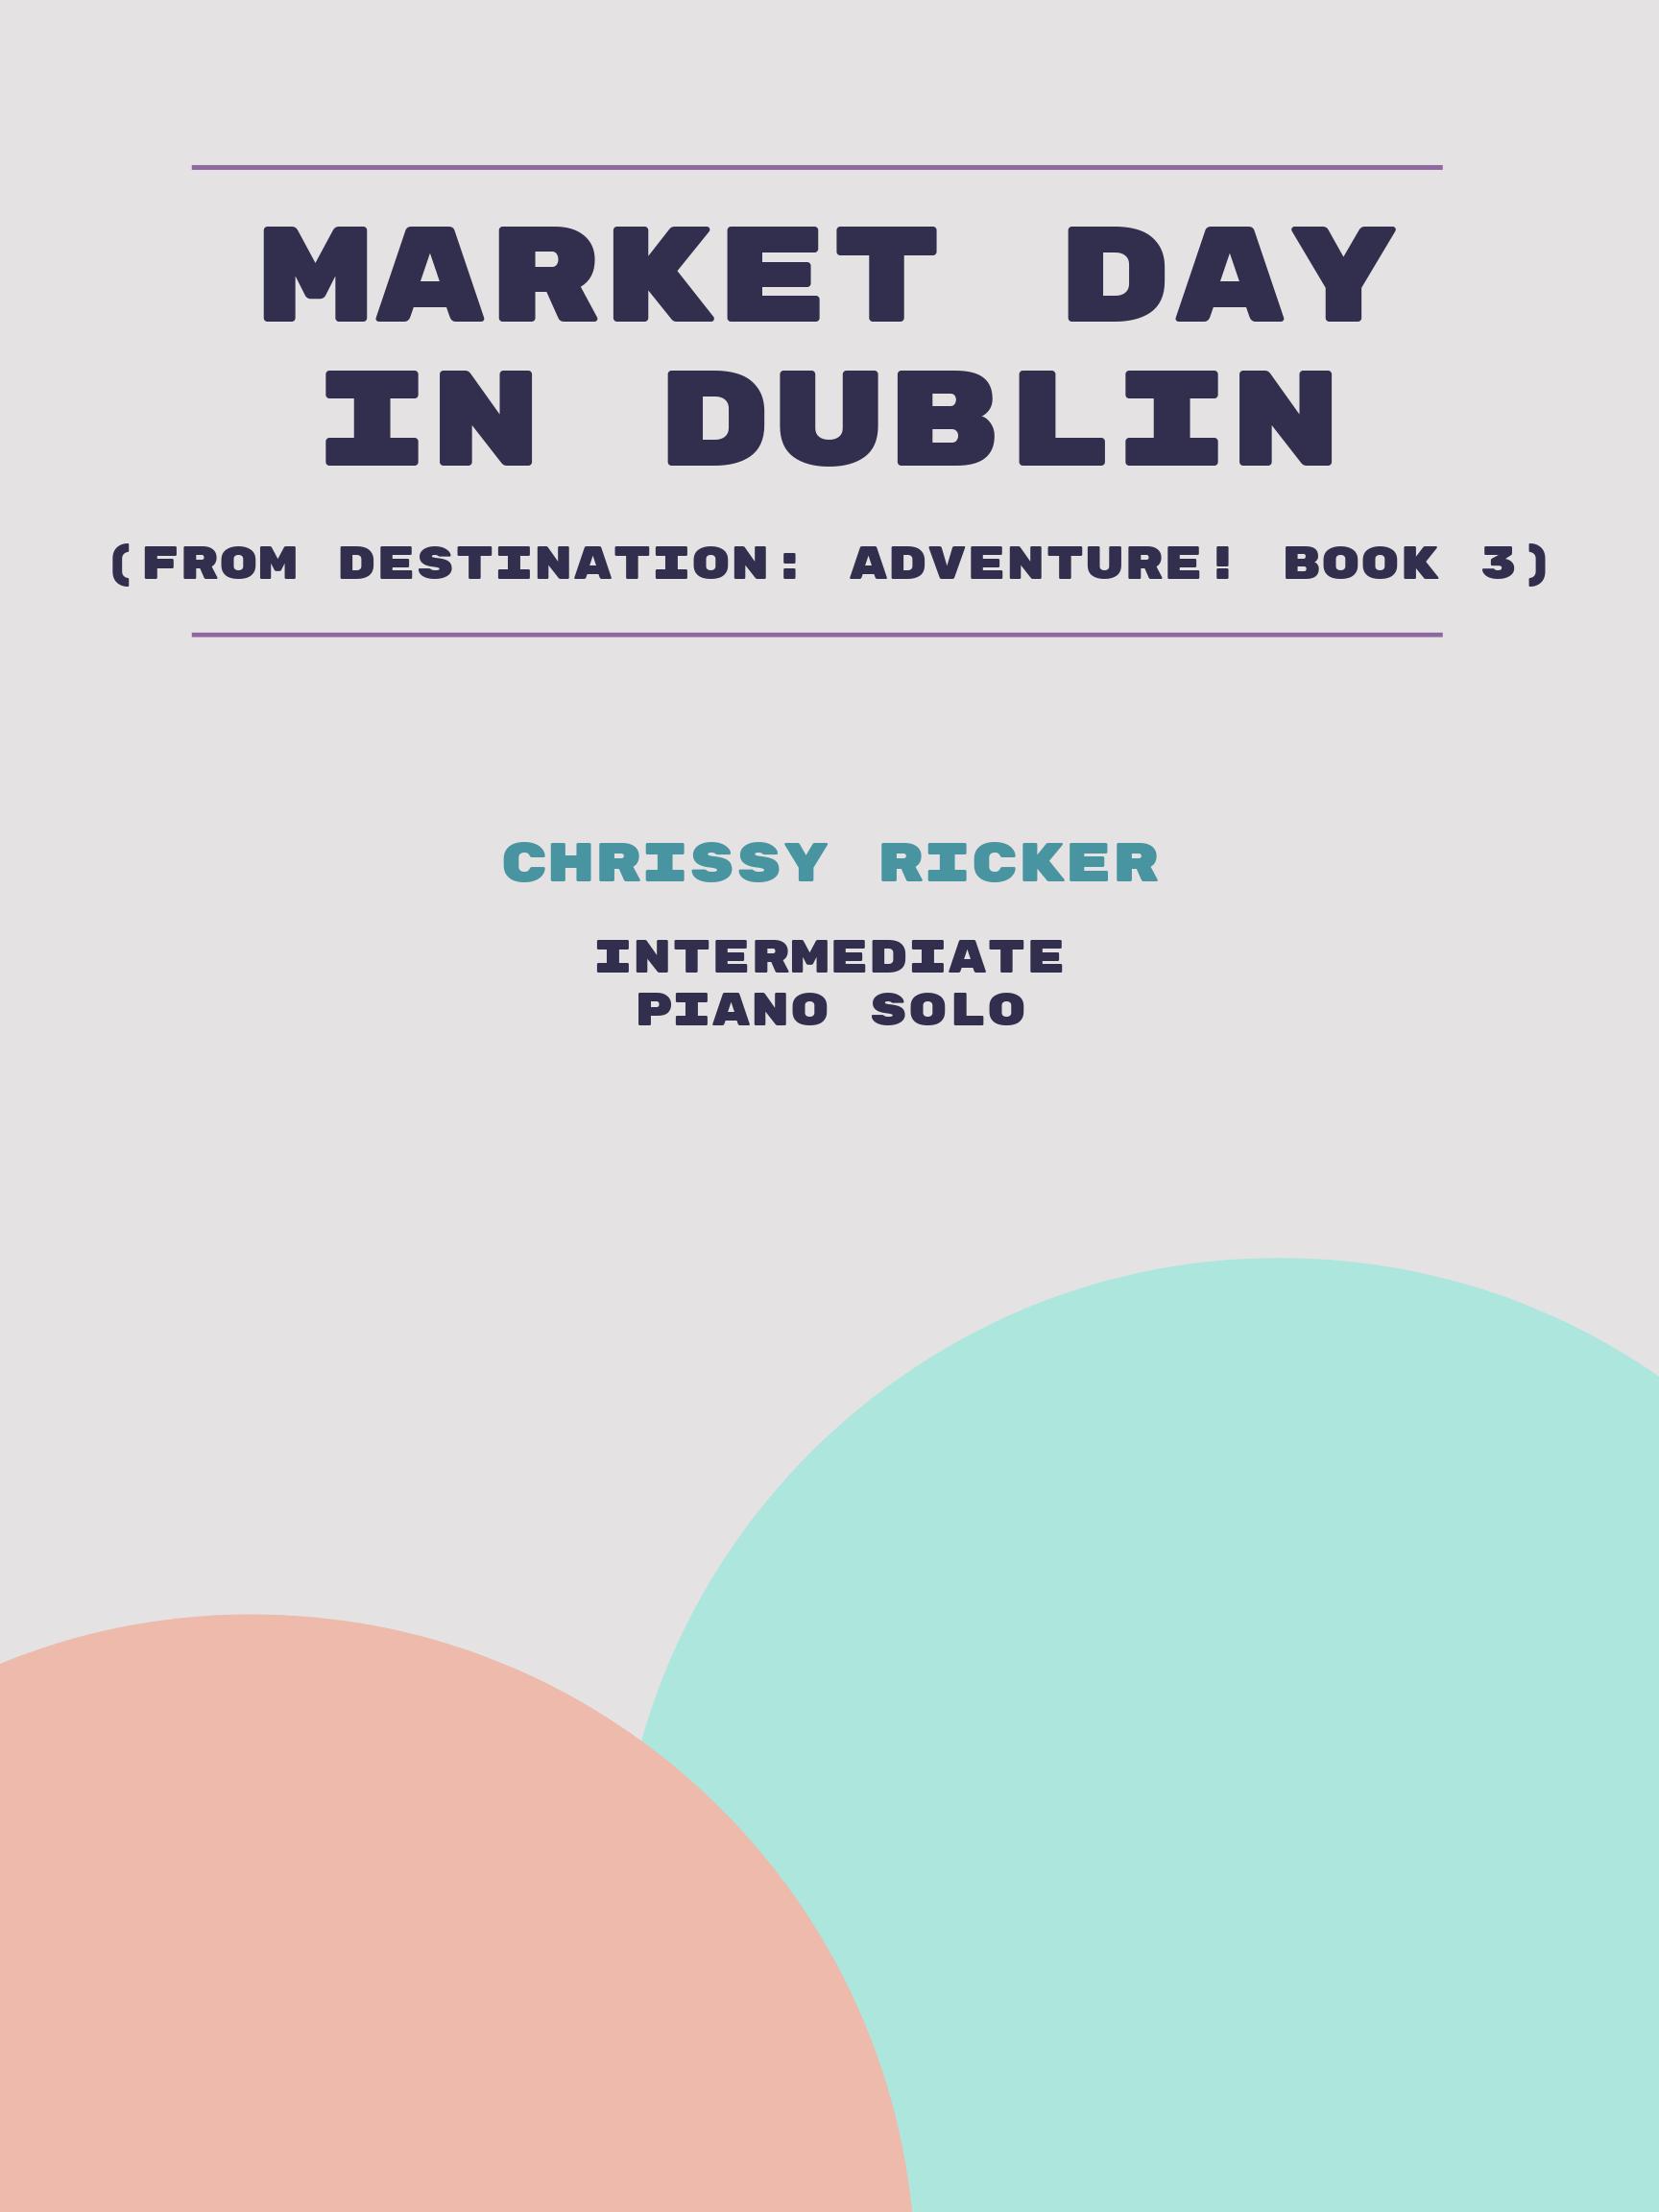 Market Day in Dublin by Chrissy Ricker